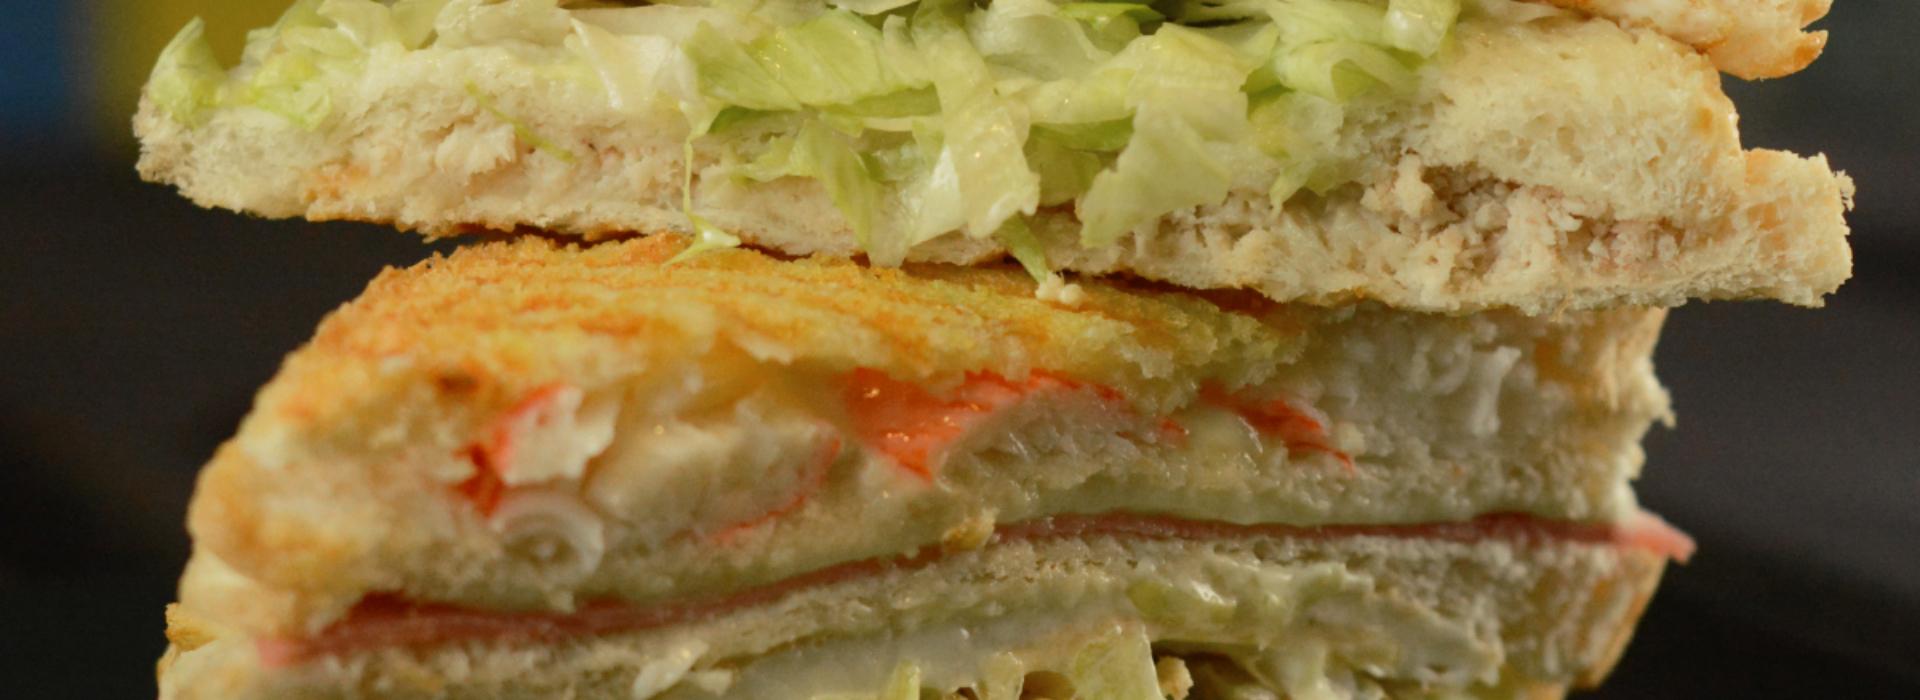 Preferidos-Sandwich-Ratito-Vejer